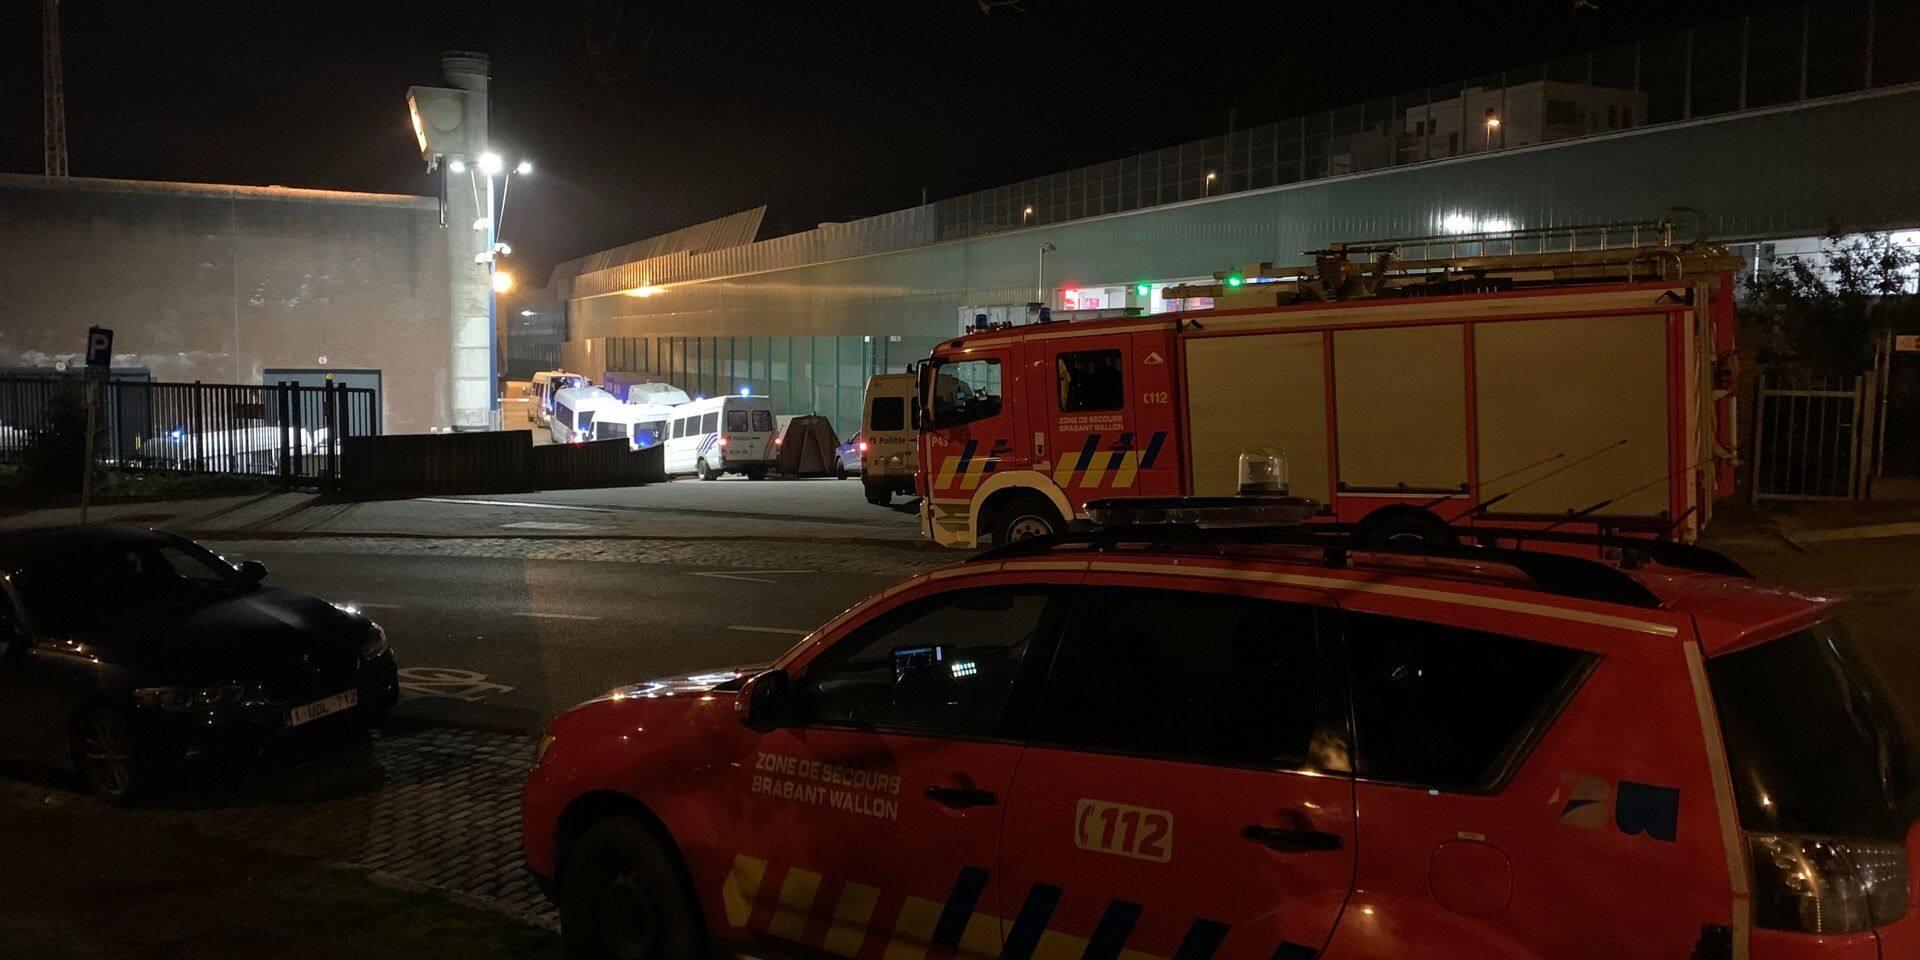 Une trentaine de détenus refusent de regagner leur cellule à la prison de Nivelles : la police intervient